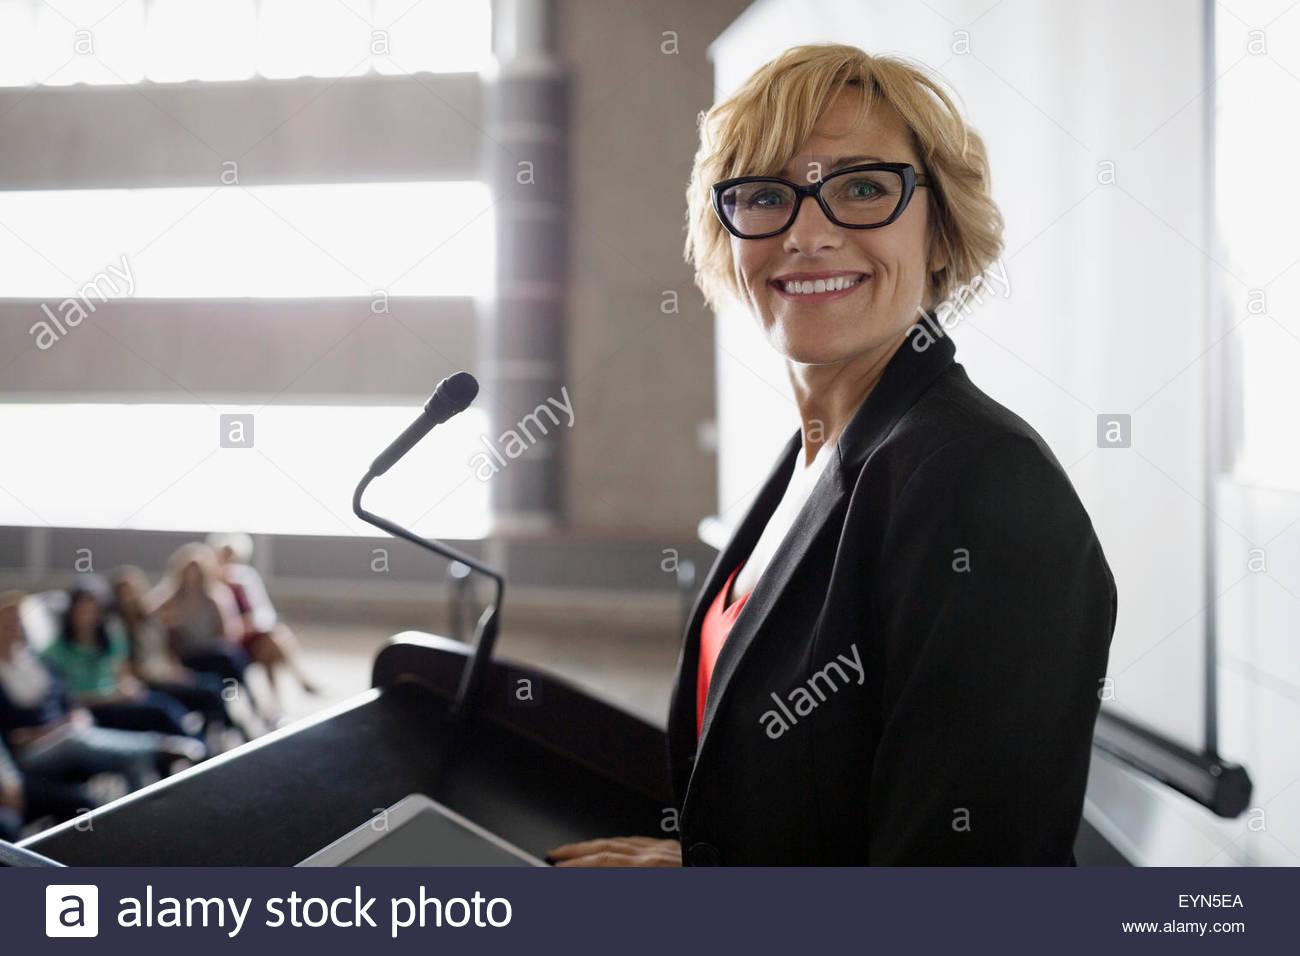 Portrait confident professor at podium in auditorium - Stock Image